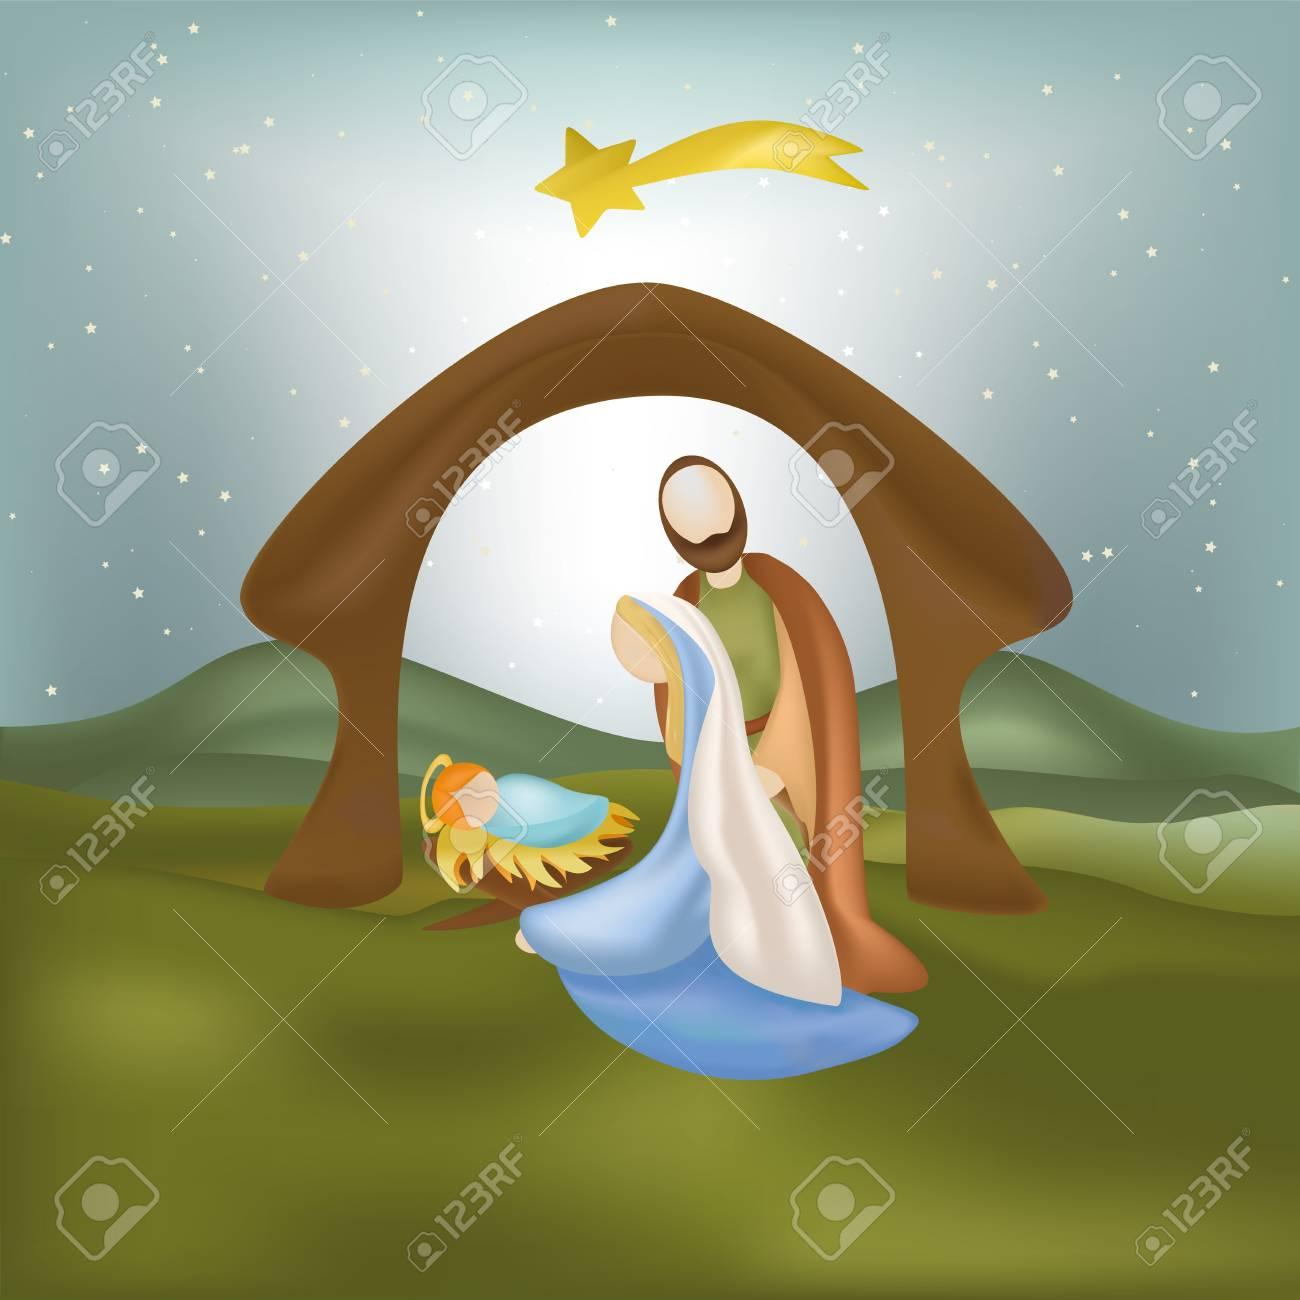 Immagini Nativita Natale.Natale Nativita Scena Con Illustrazione Famiglia Santa